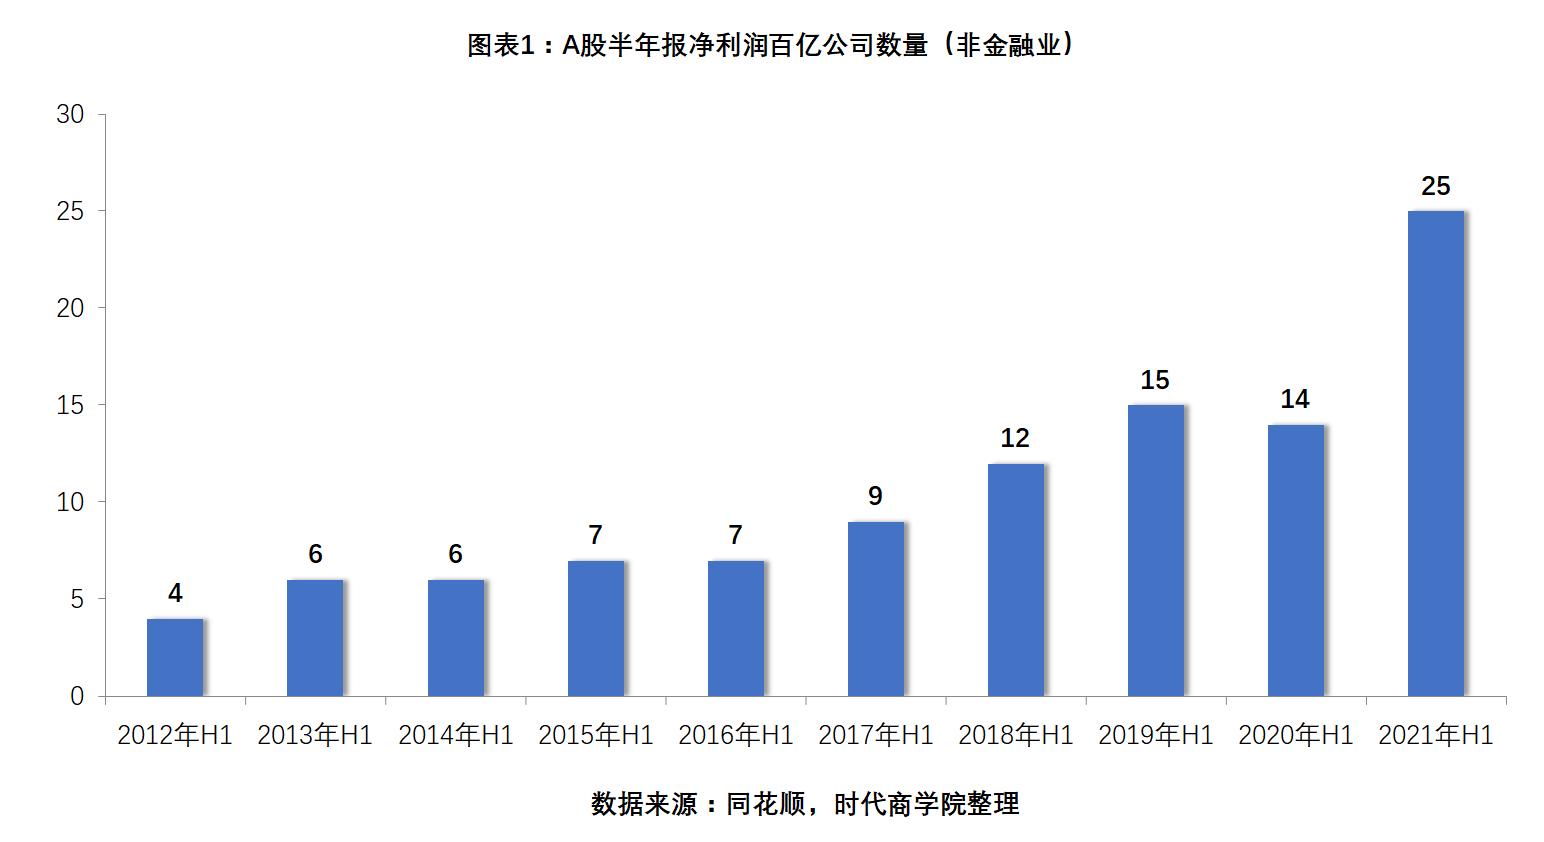 黑马app下载平台_44企半年利润过百亿,谁是A股利润王?